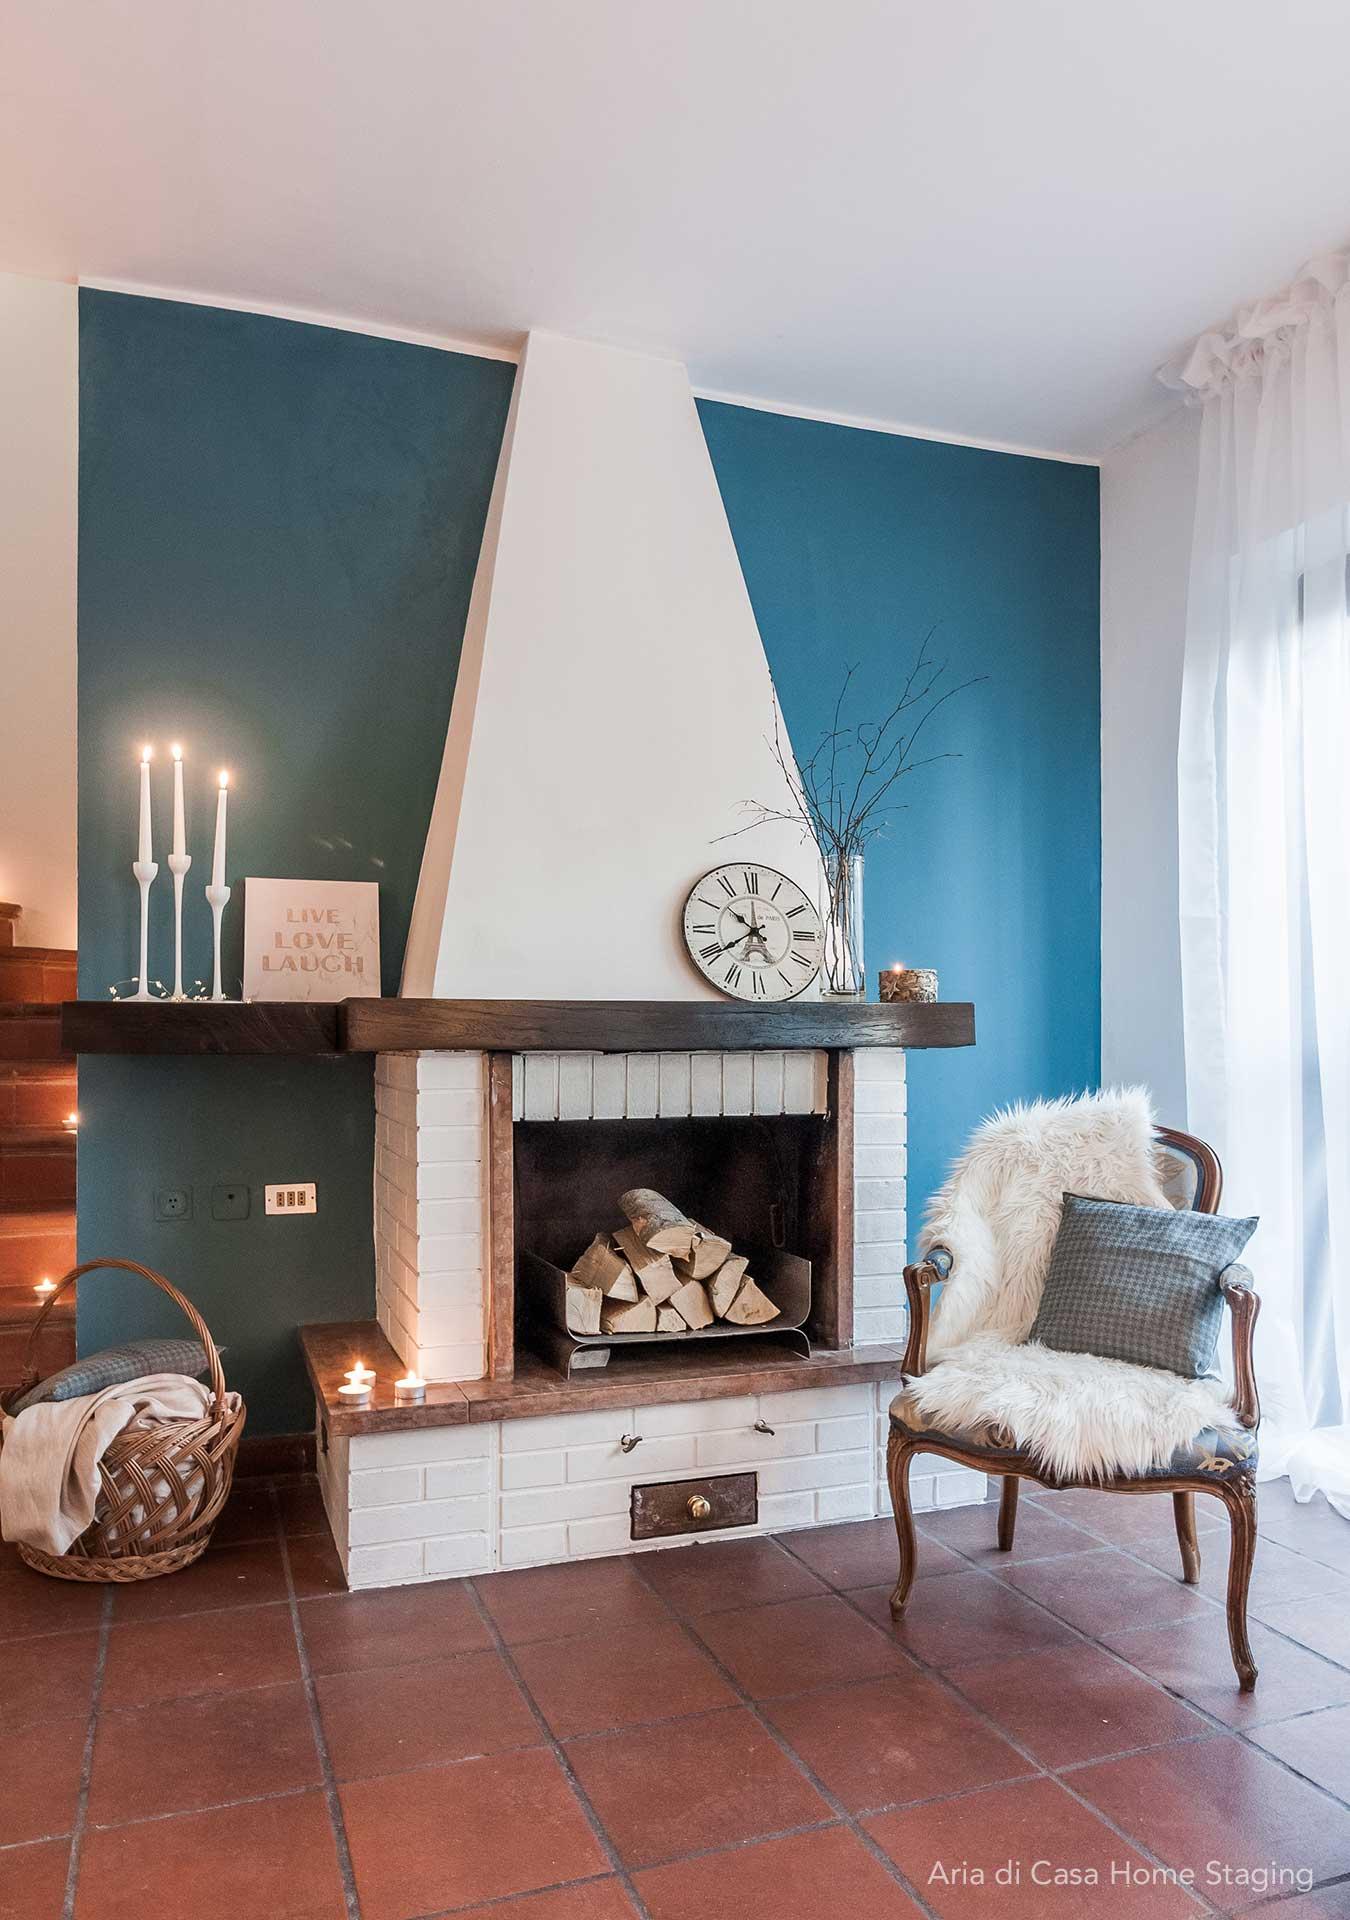 Rinnovare Pareti Di Casa 3 guide facili per rinnovare casa con poca spesa: home staging.